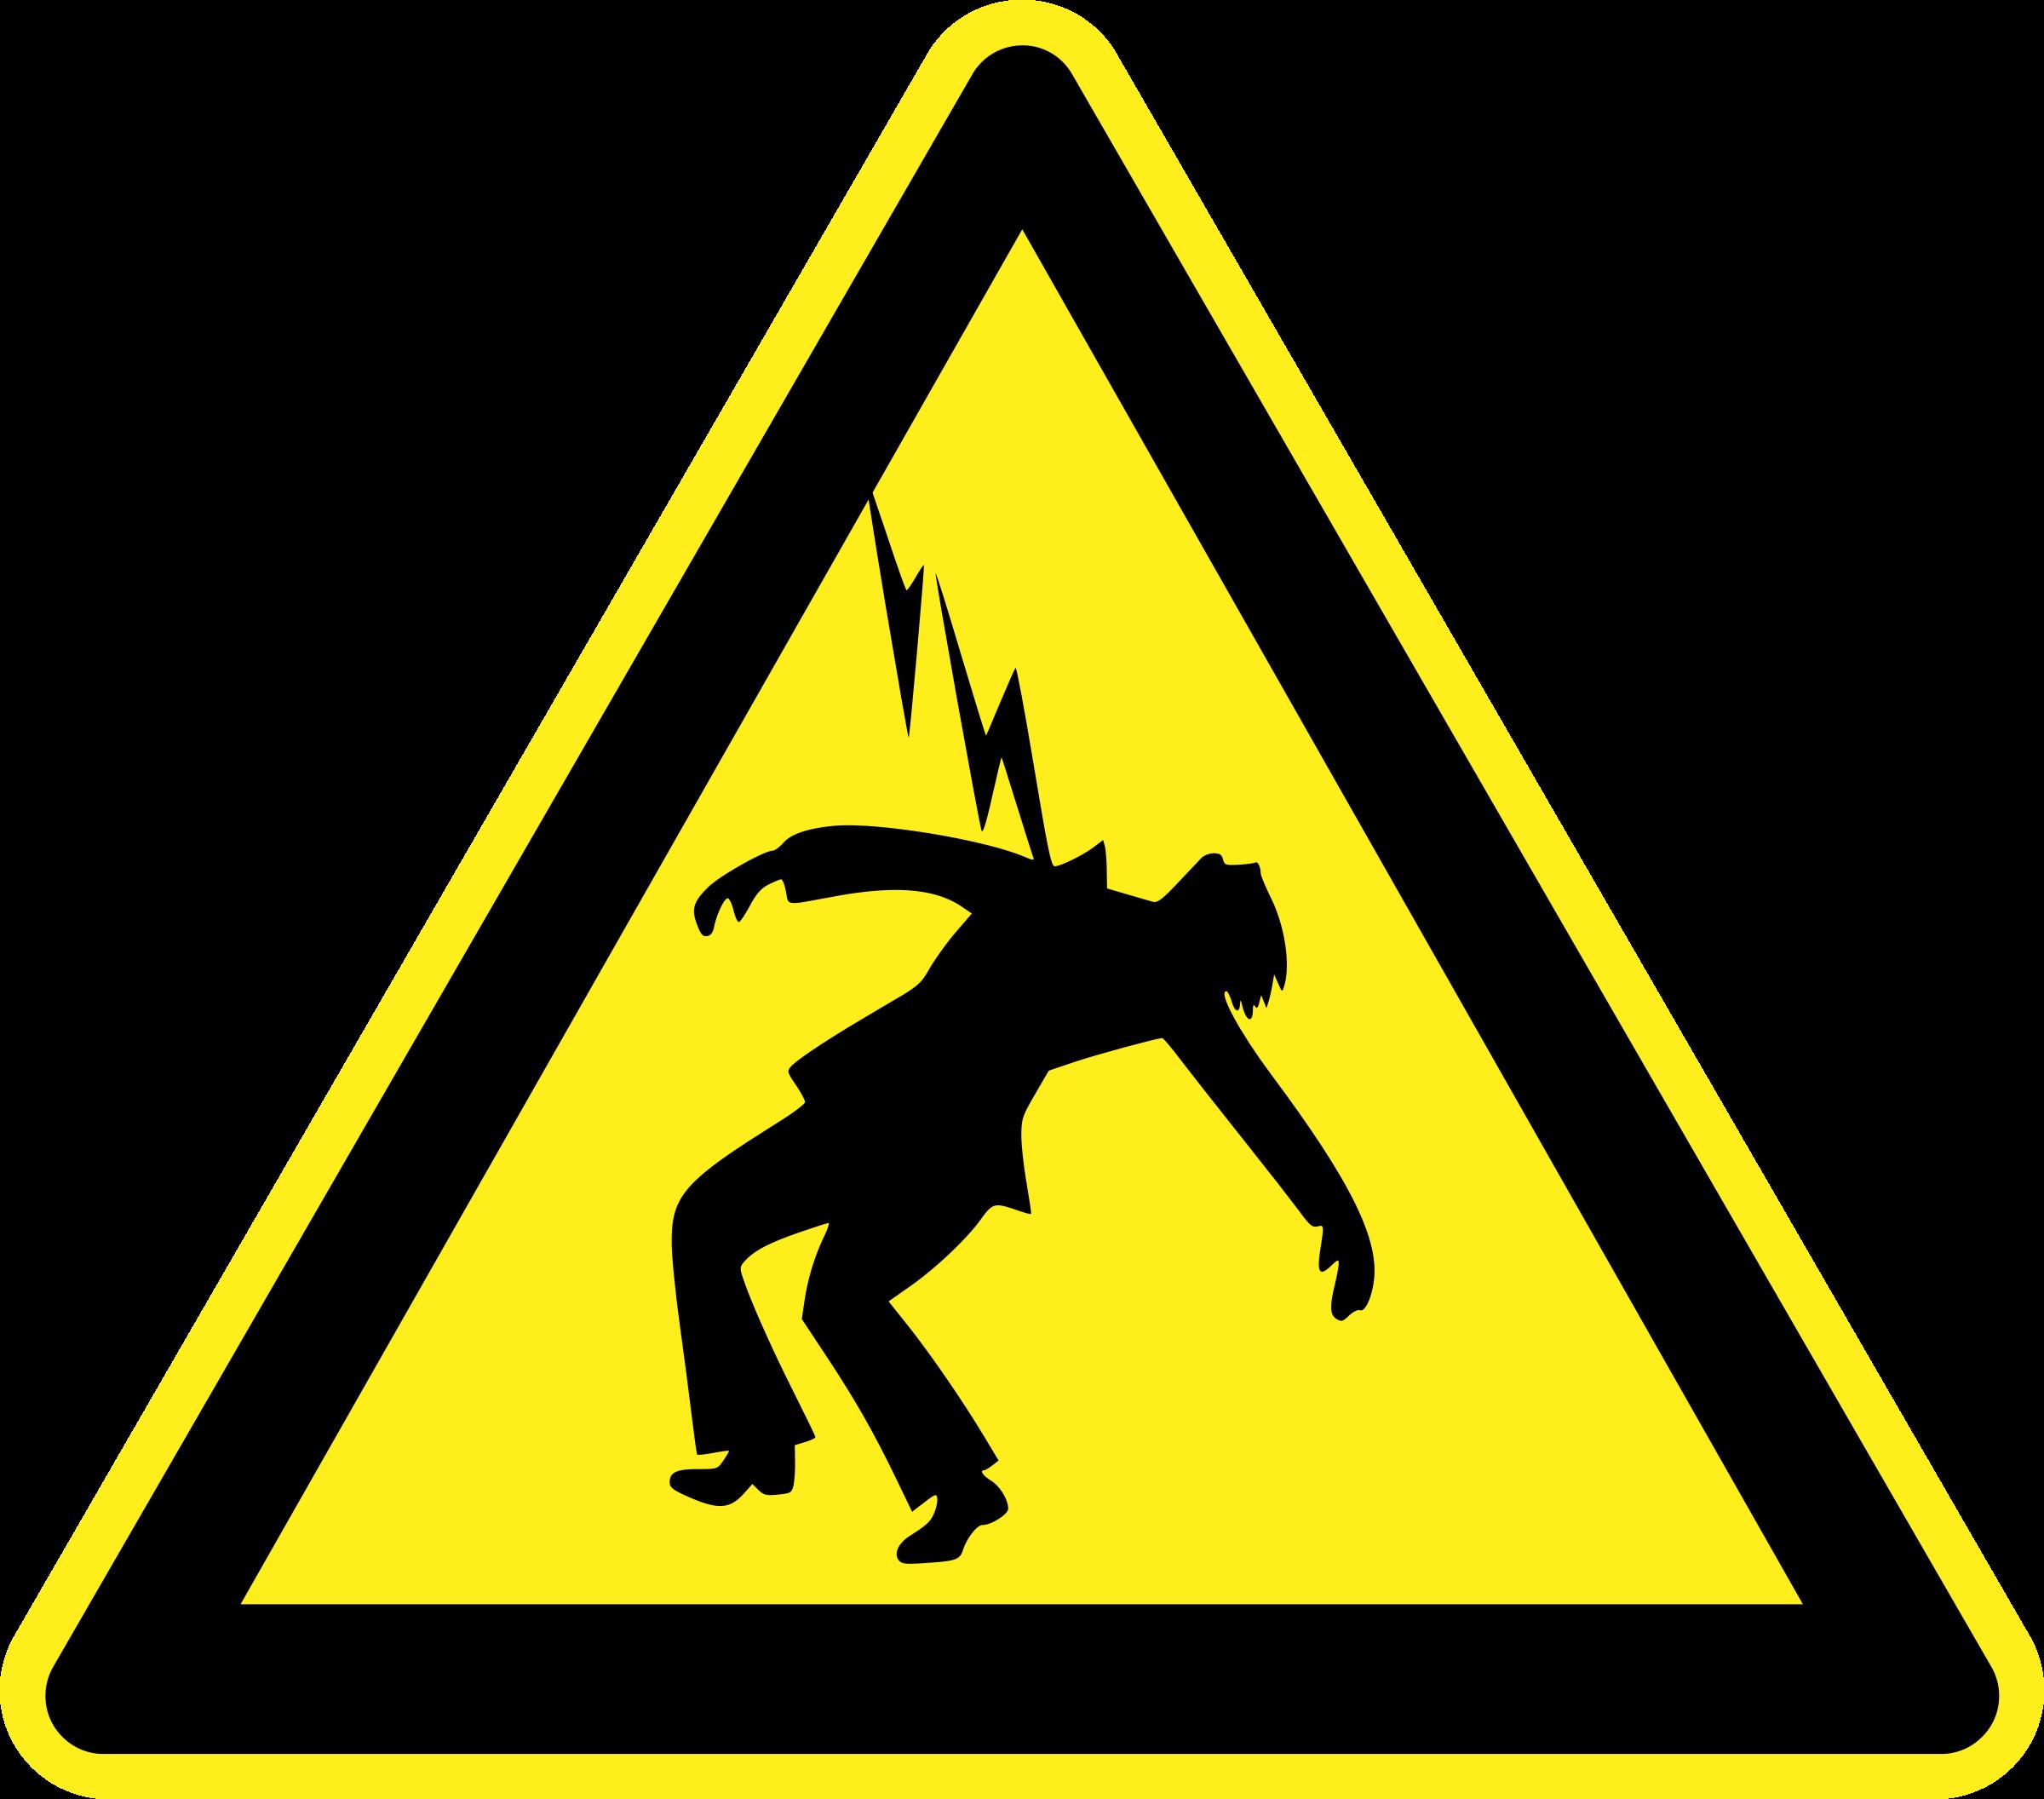 High voltage sign big. Danger clipart warning